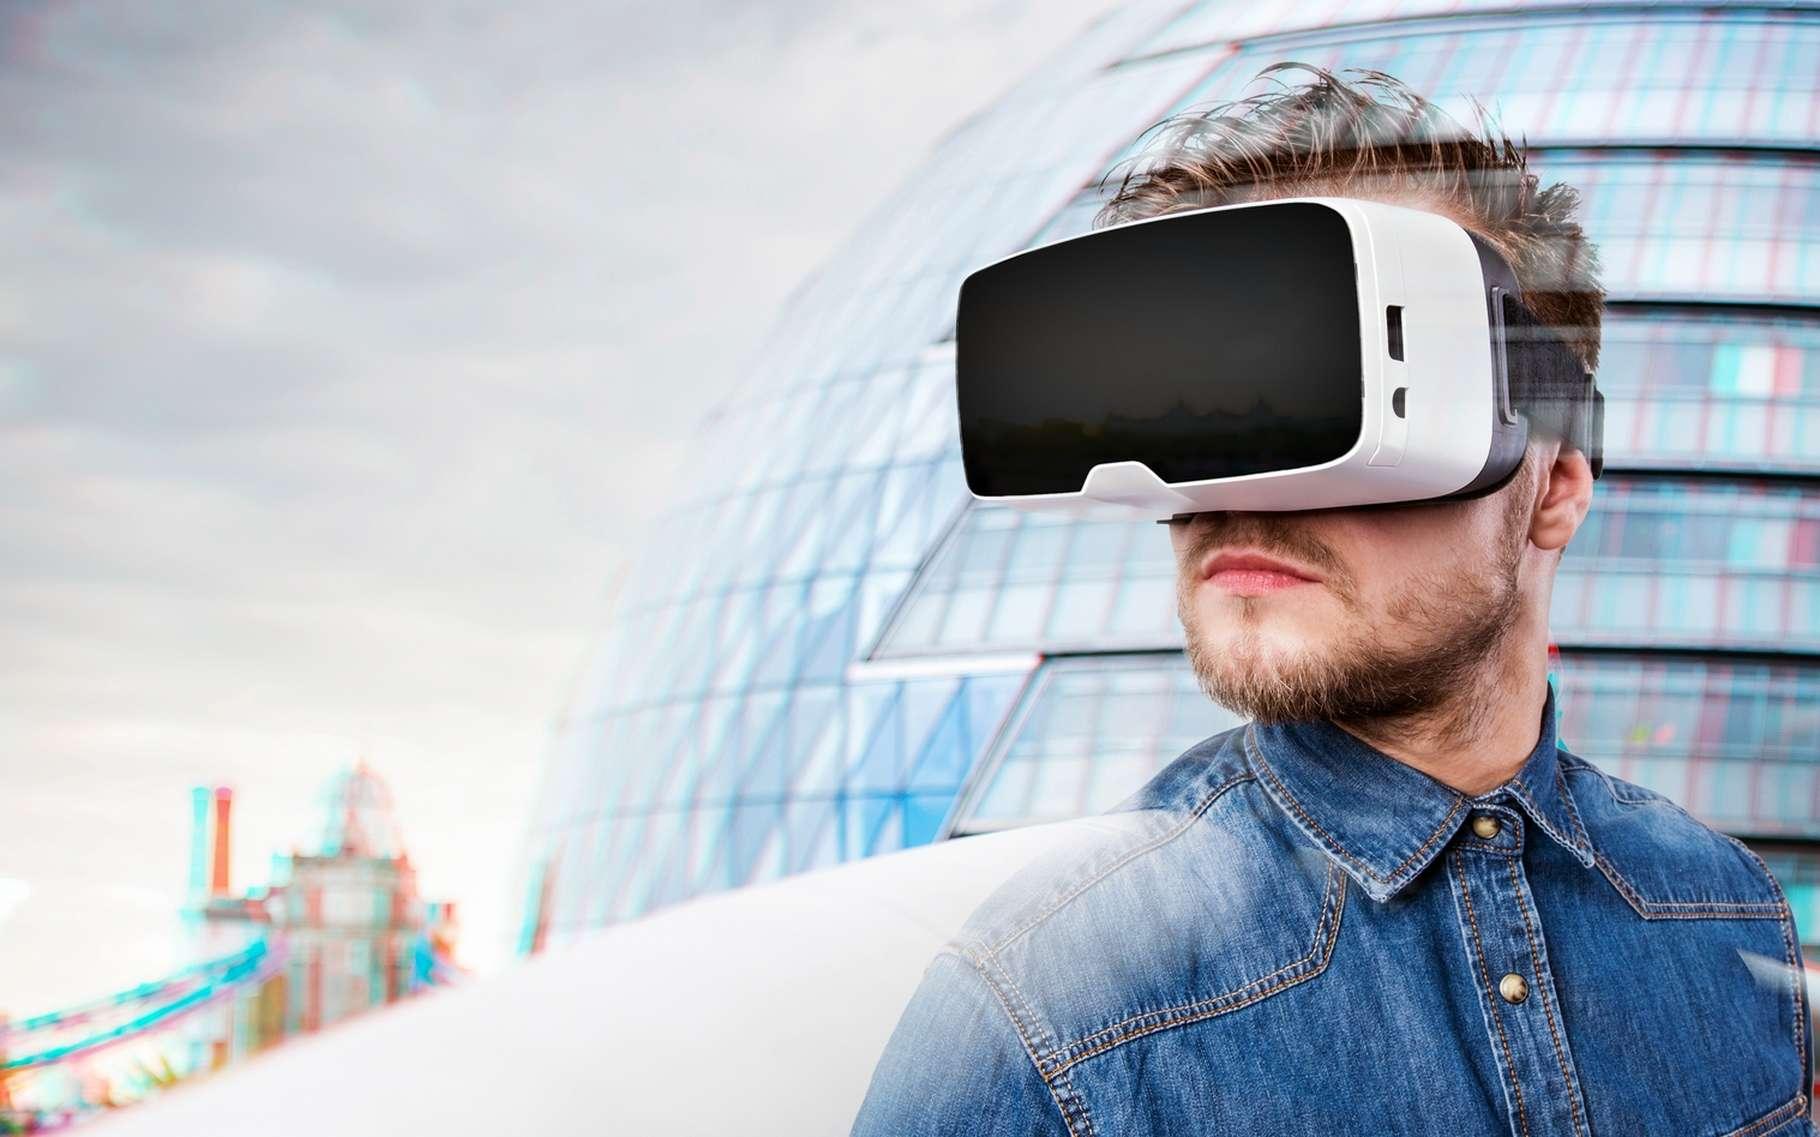 Peu onéreux et simples à utiliser, les casques de réalité virtuelle sur smartphones sont à ce jour la solution la plus abordable pour découvrir cette technologie. Mais leur ergonomie laisse à désirer et la qualité de l'immersion n'est pas au niveau de celle qu'offrent les casques sur PC type Oculus Rift et HTC Vive. © Halfpoint, Shutterstock